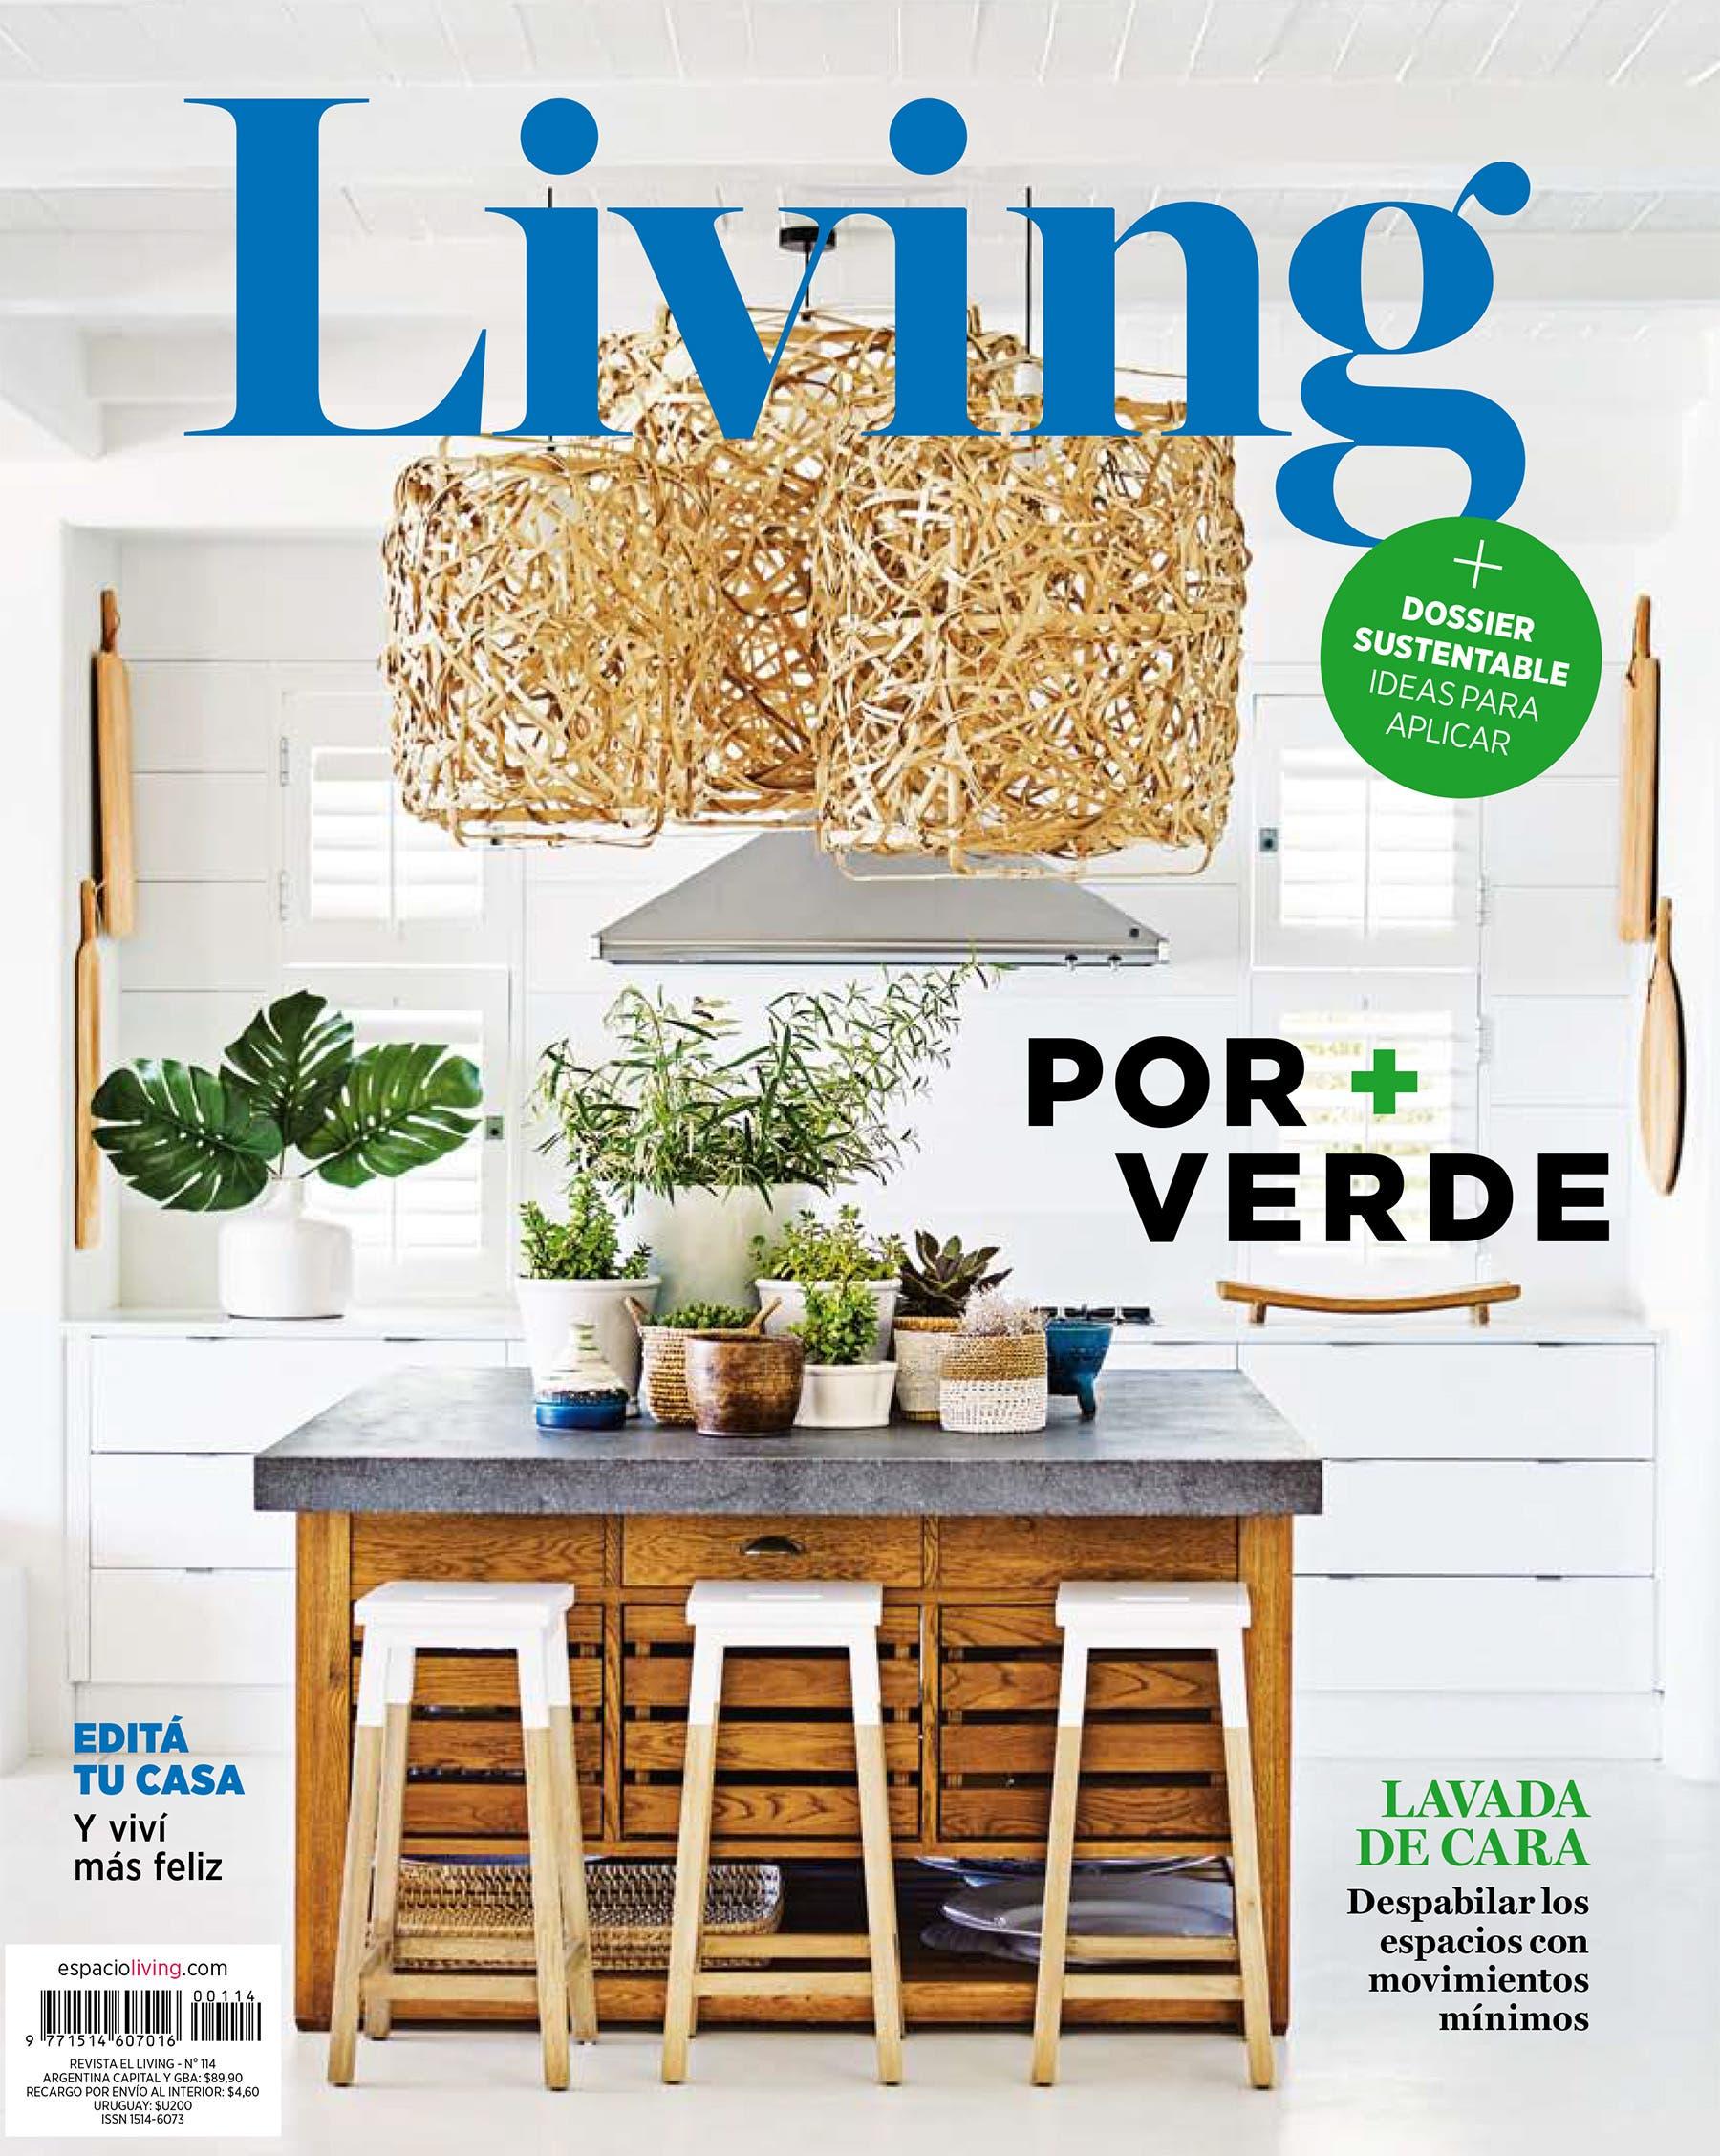 Casa y jardin revista casa y jardin revista with casa y for Casa jardin revista